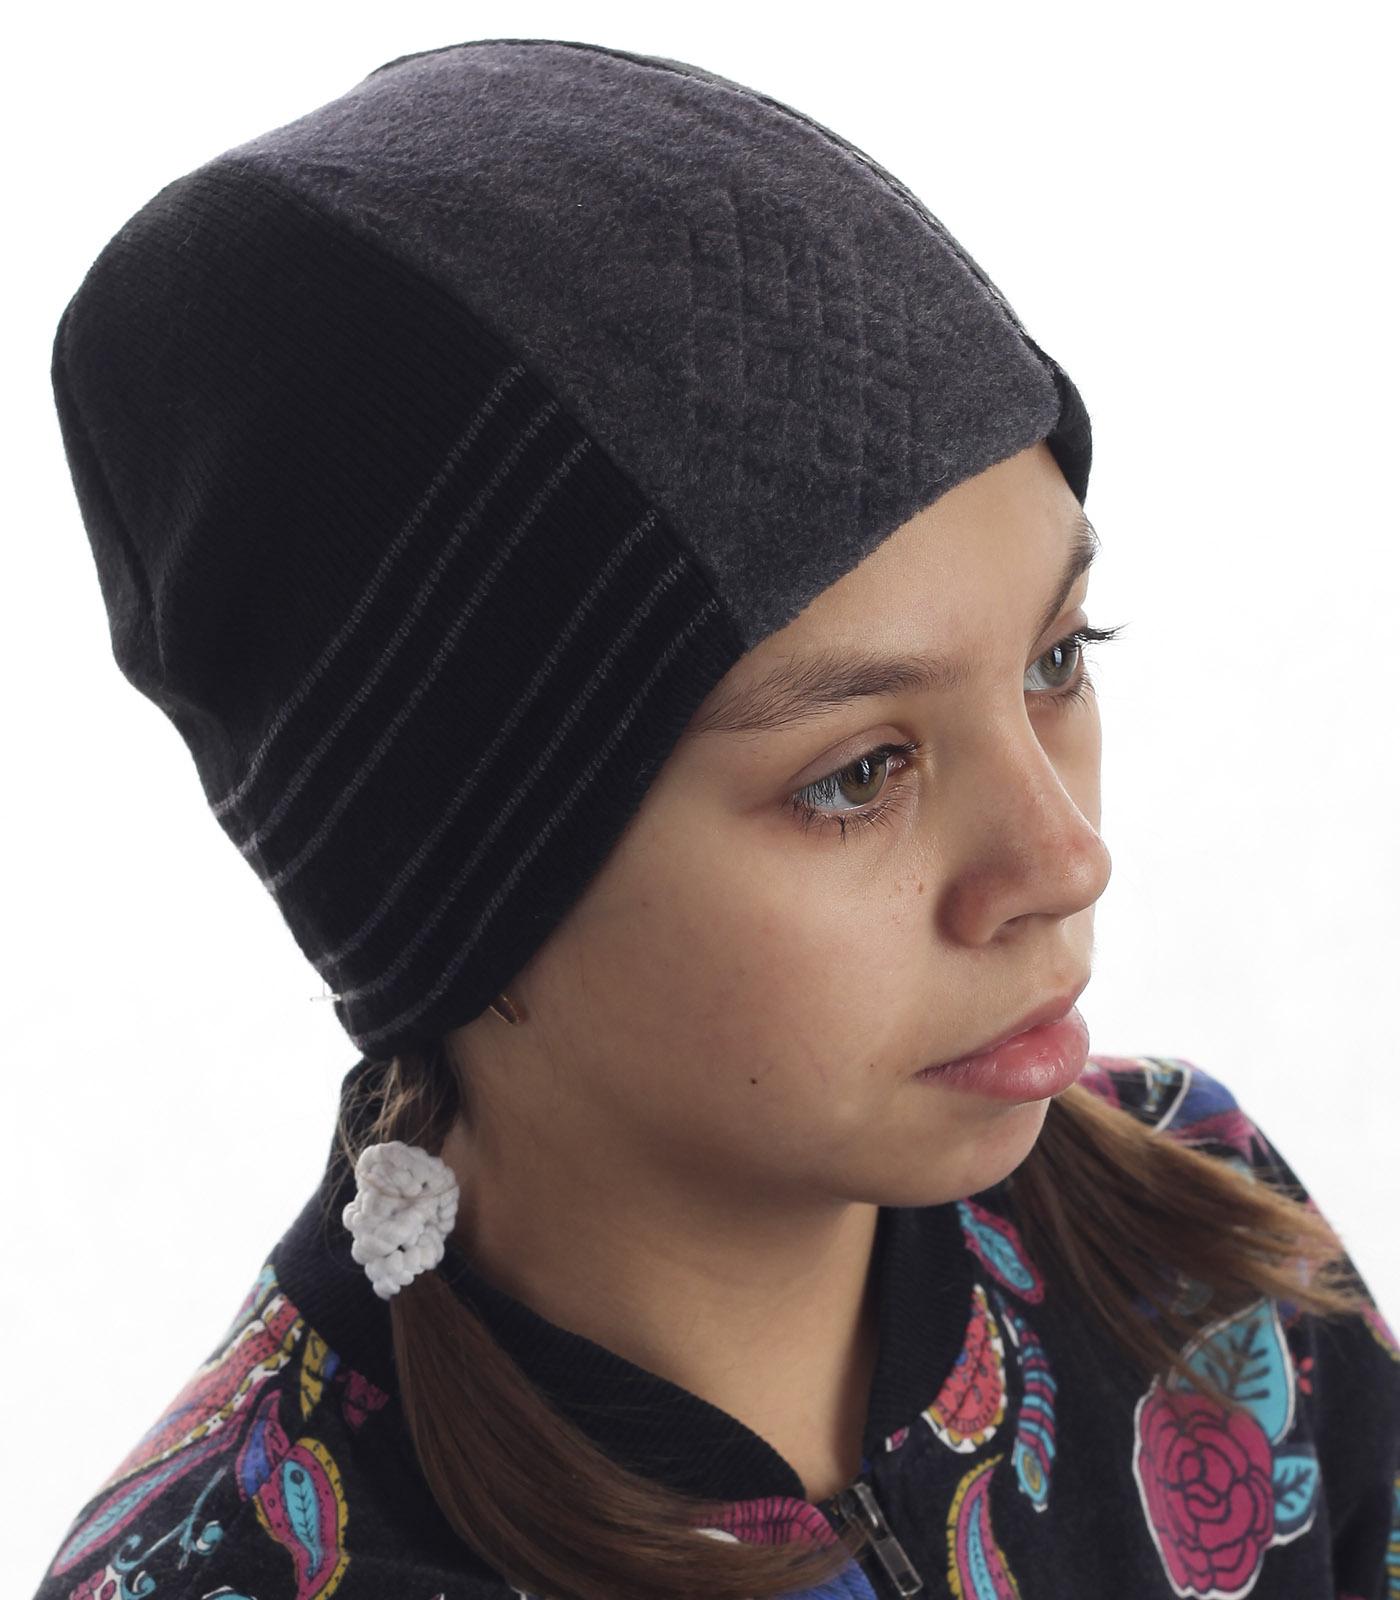 Детская флисовая шапка в городском стиле. Удачная повседневная модель, в которой тепло даже в самую холодную погоду